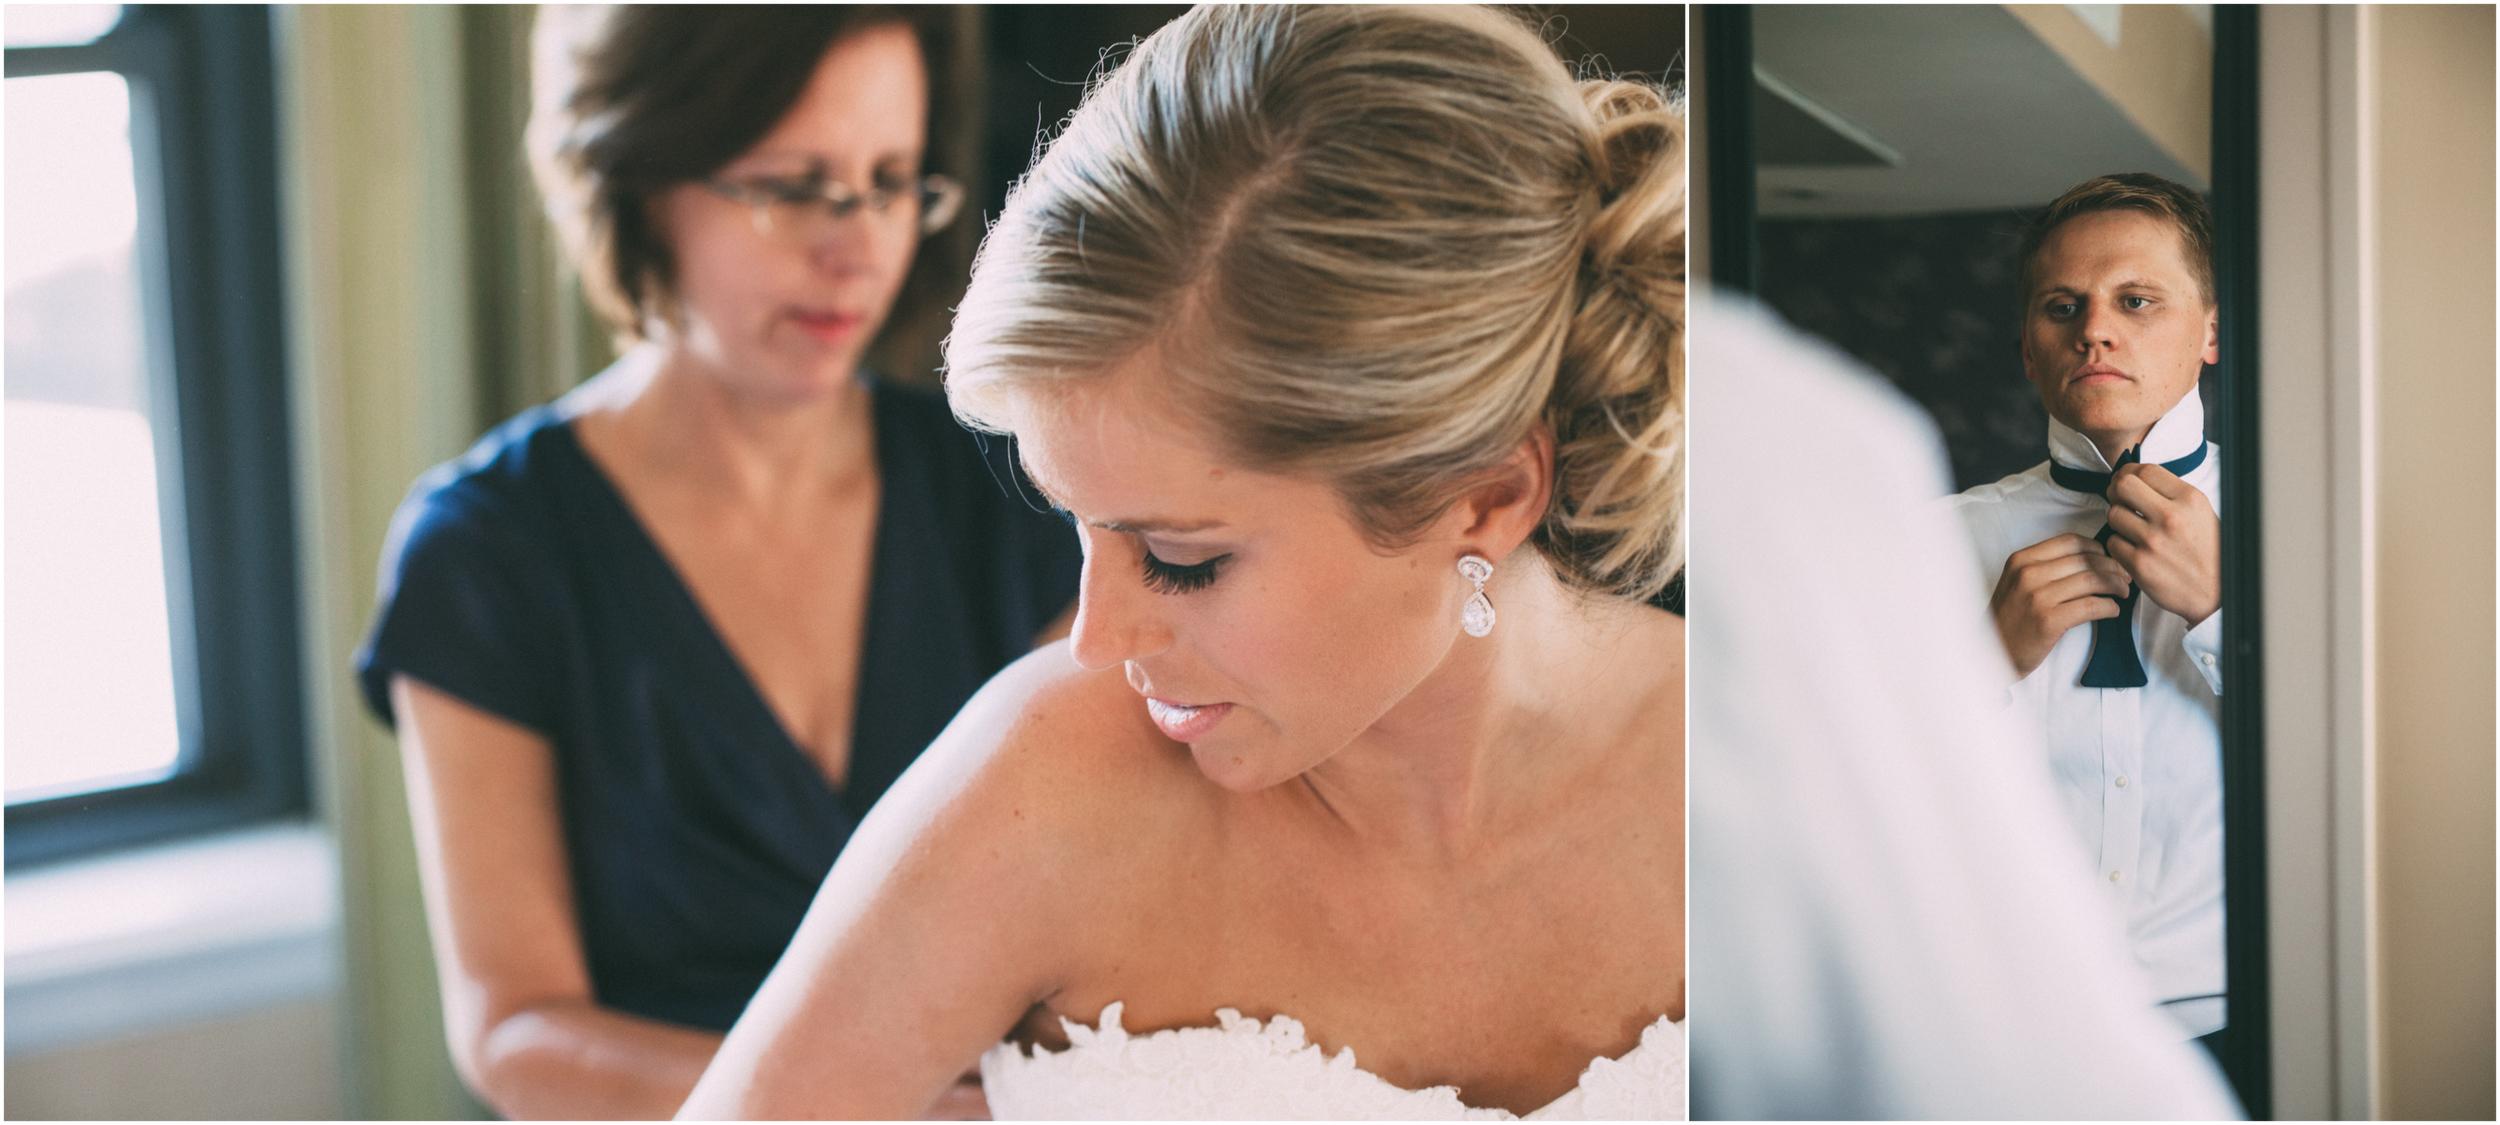 Mother helps bride into dress - Groom adjusts tie in mirror